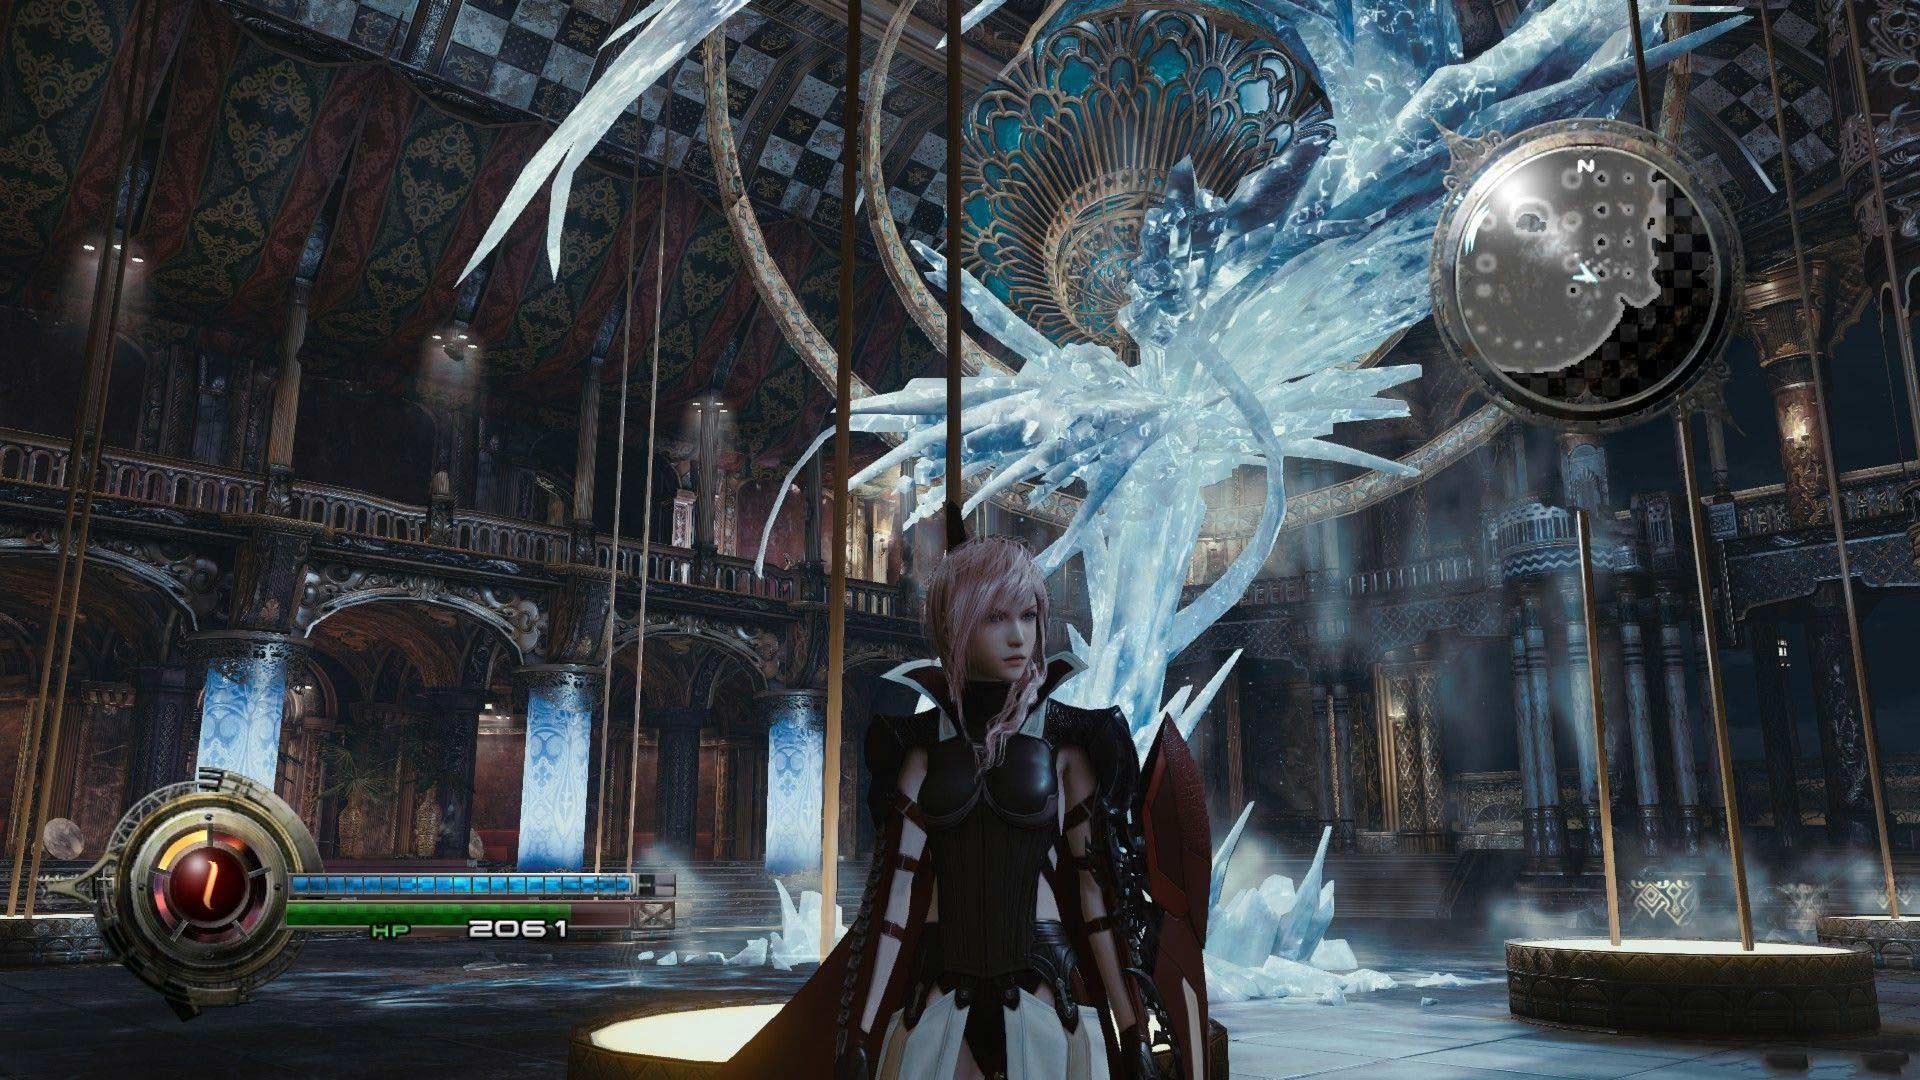 最终幻想13雷霆归来Reshade自调画质补丁